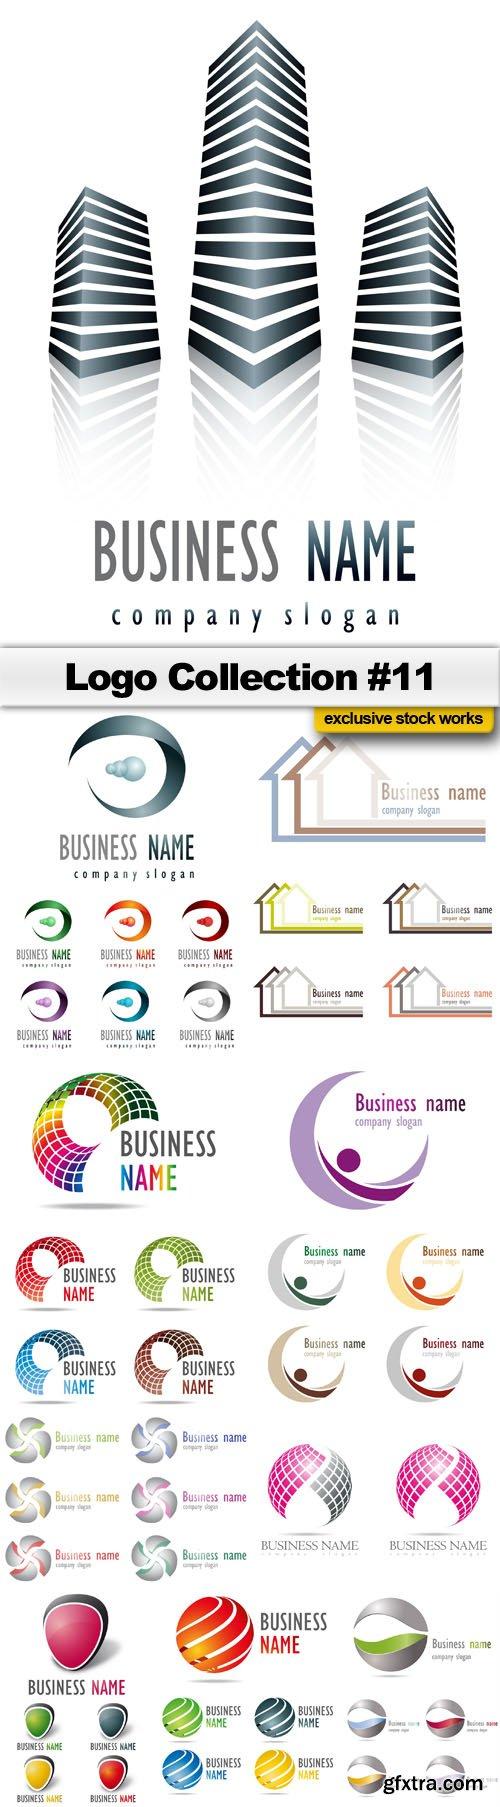 Logo Collection #11 - 10 AI